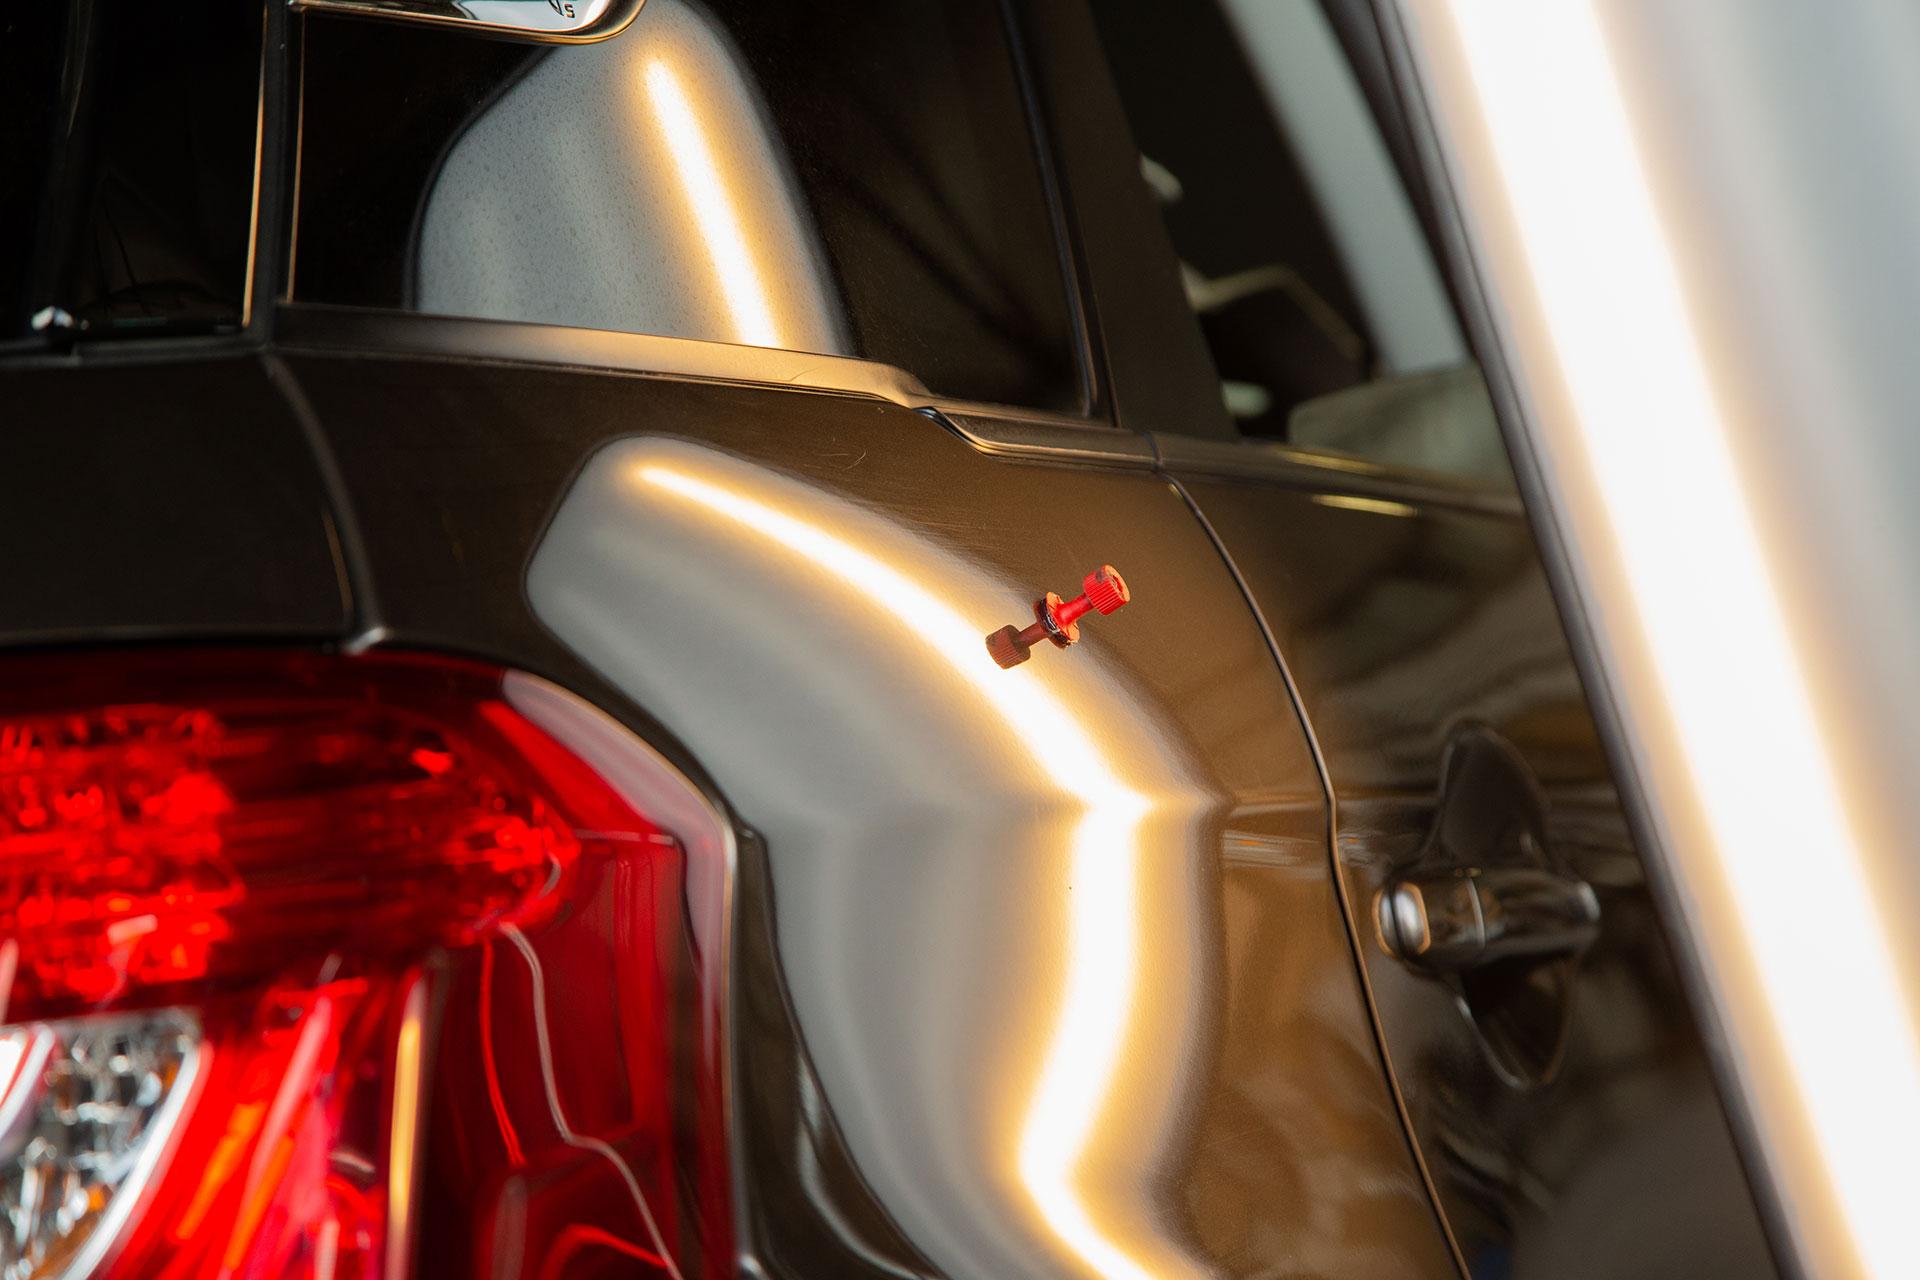 Utilisation d'une ventouse pour supprimer un impact de carrosserie